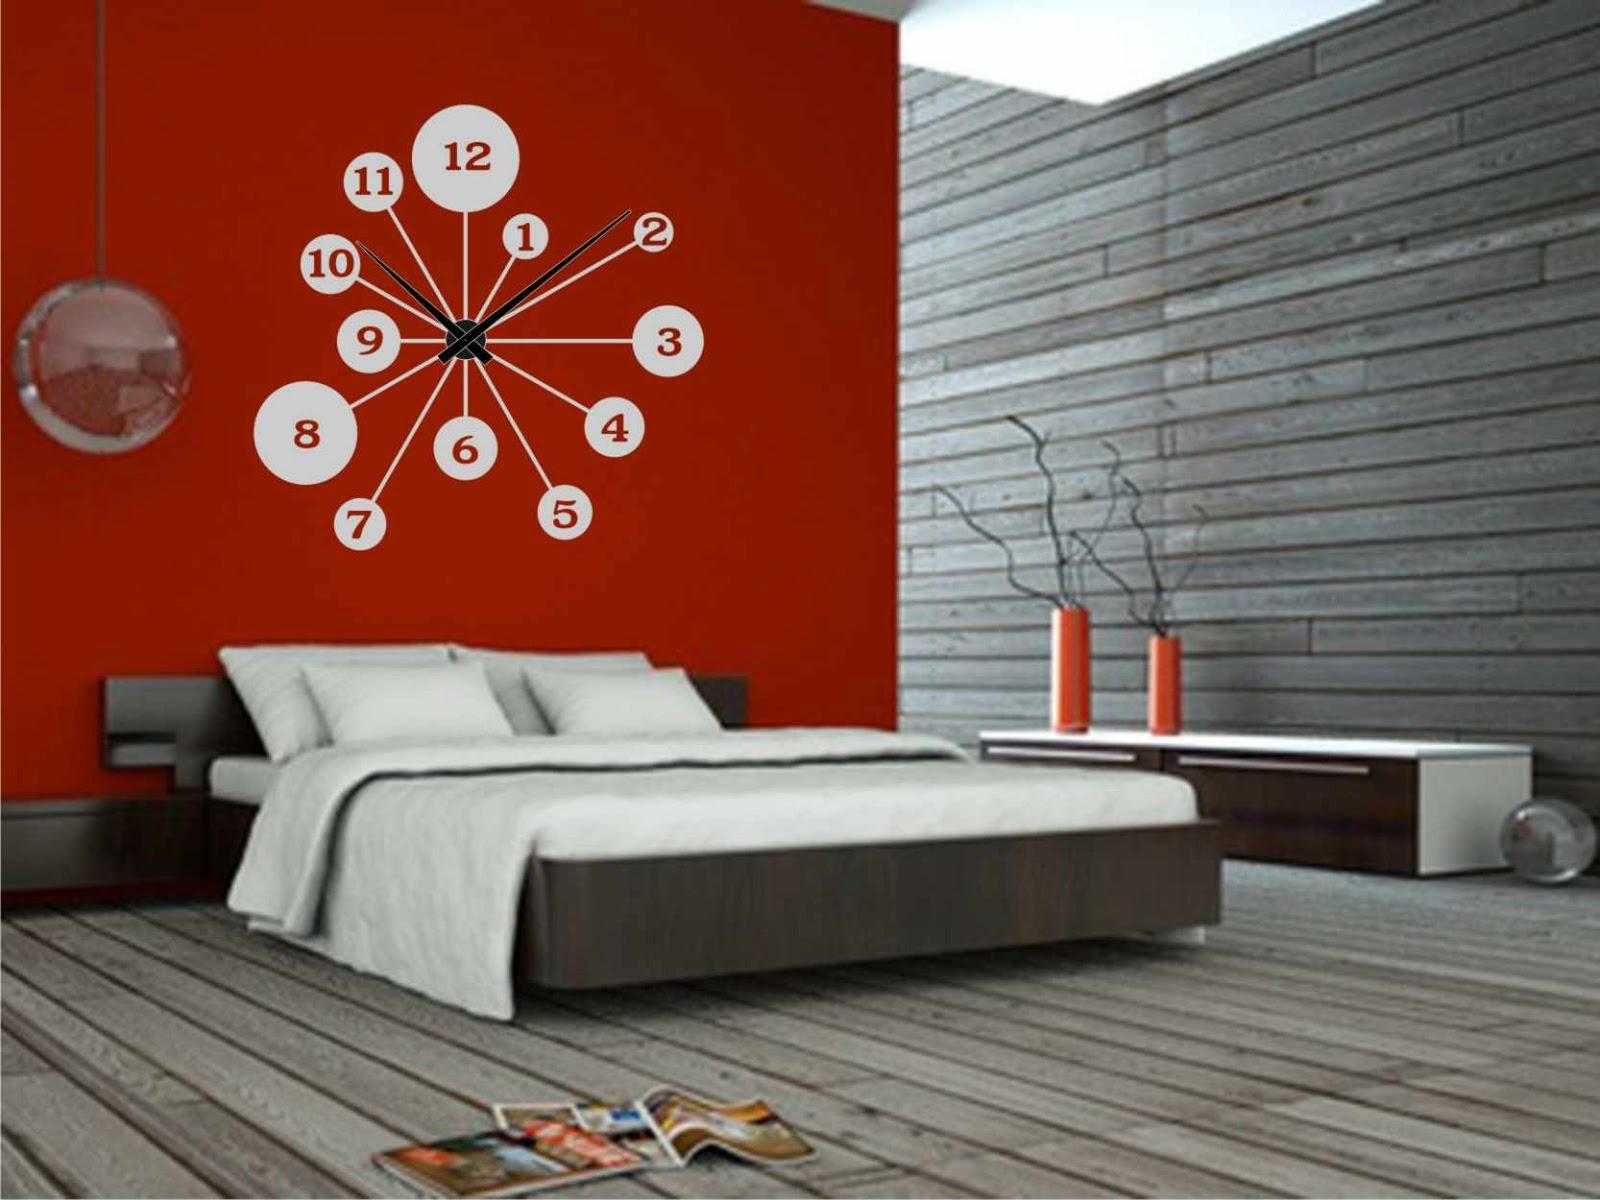 Relojesyvinilos decorar una pared roja con un reloj - Relojes para decorar paredes ...